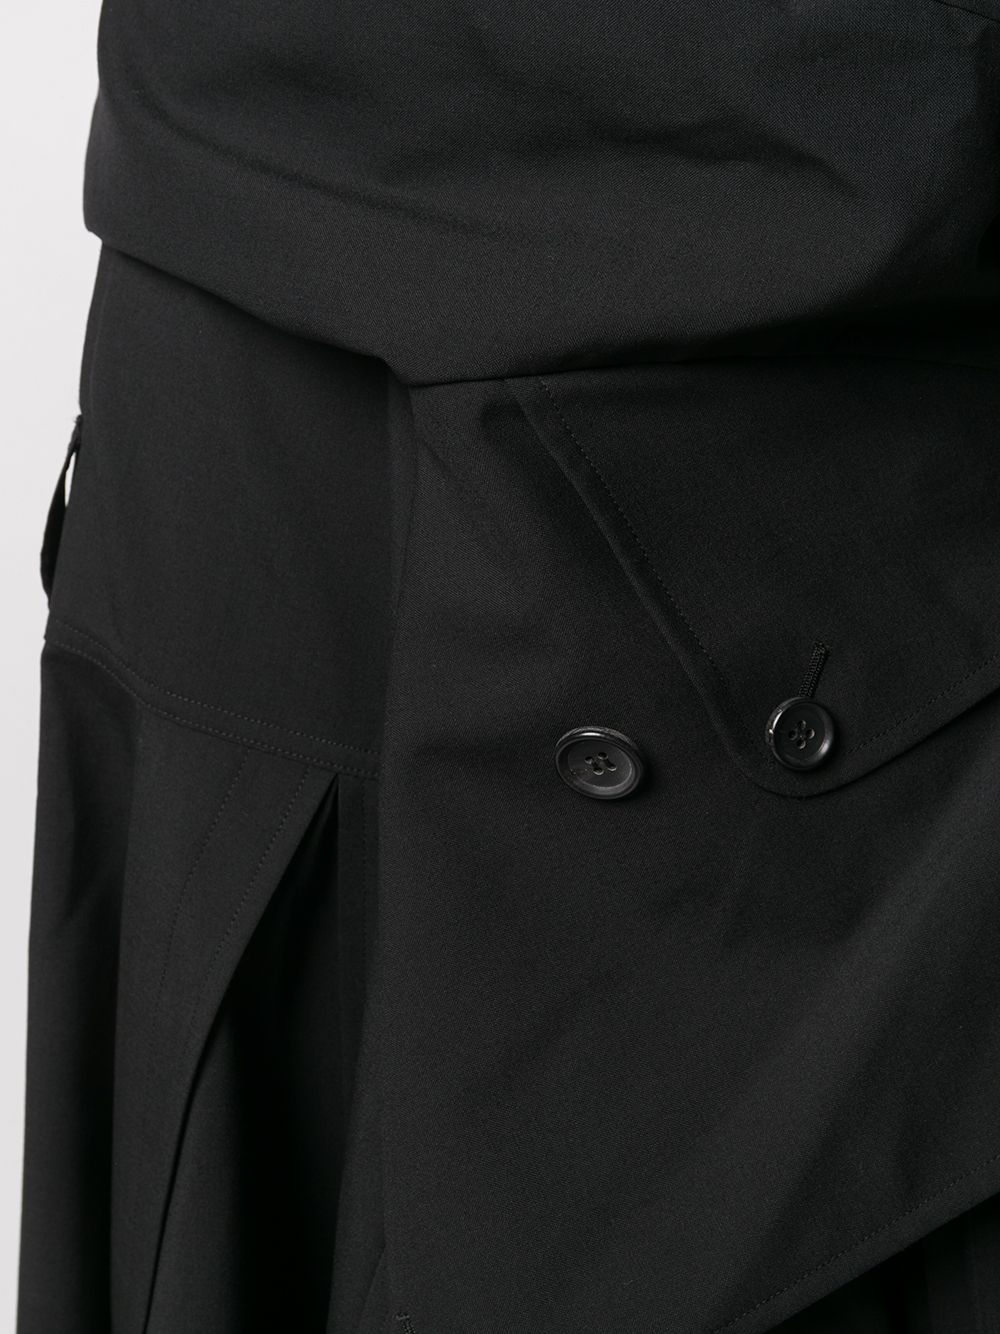 JUNYA WATANABE | Skirt | JE-S0031